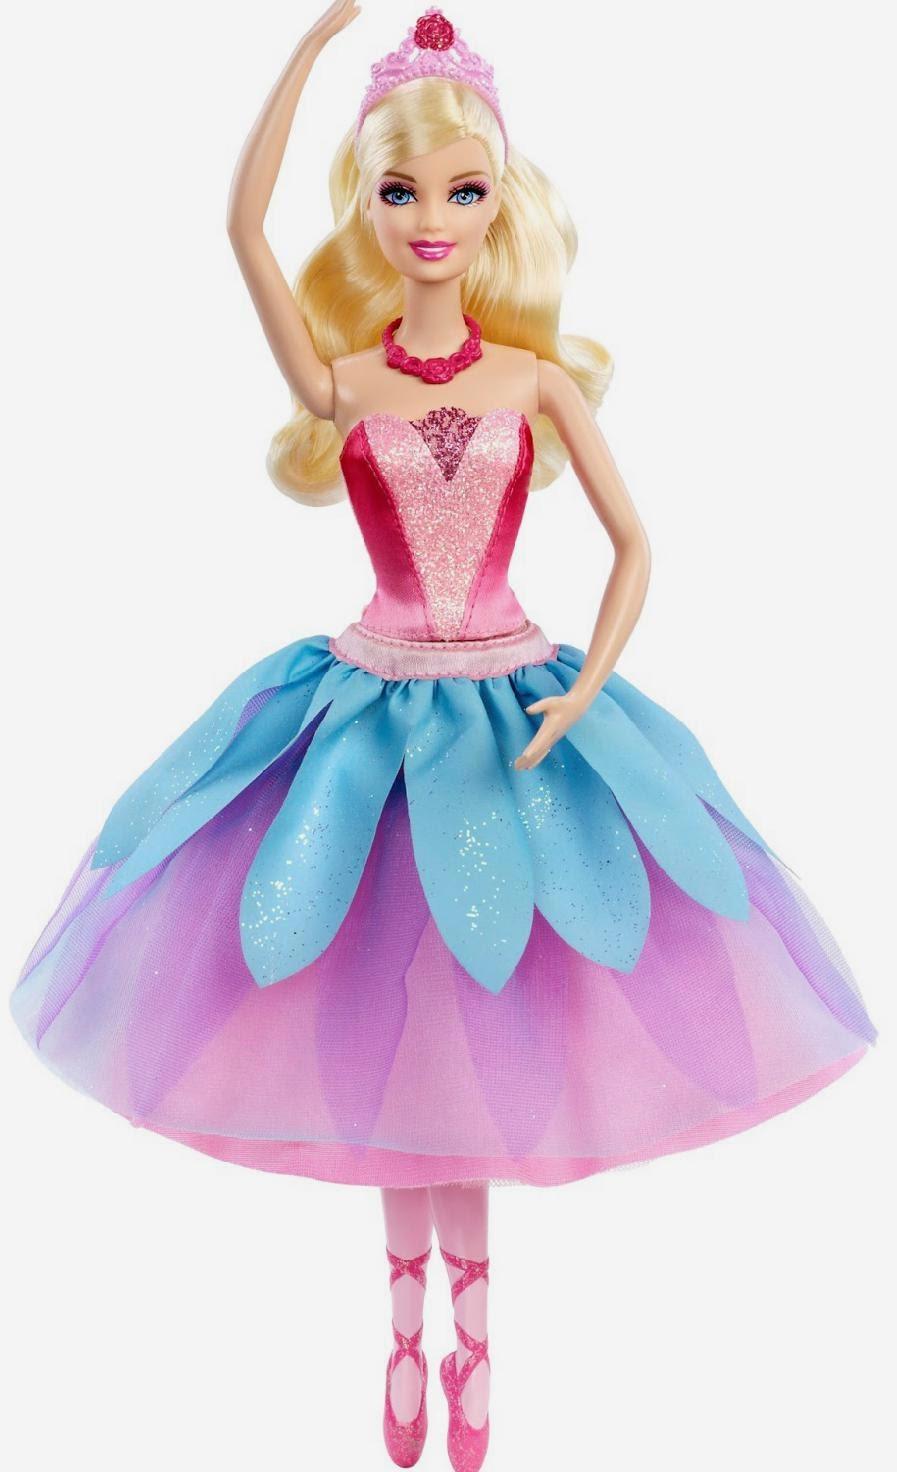 Gambar Animasi Barbie Bergerak Cantik Animasi Korea Meme Lucu